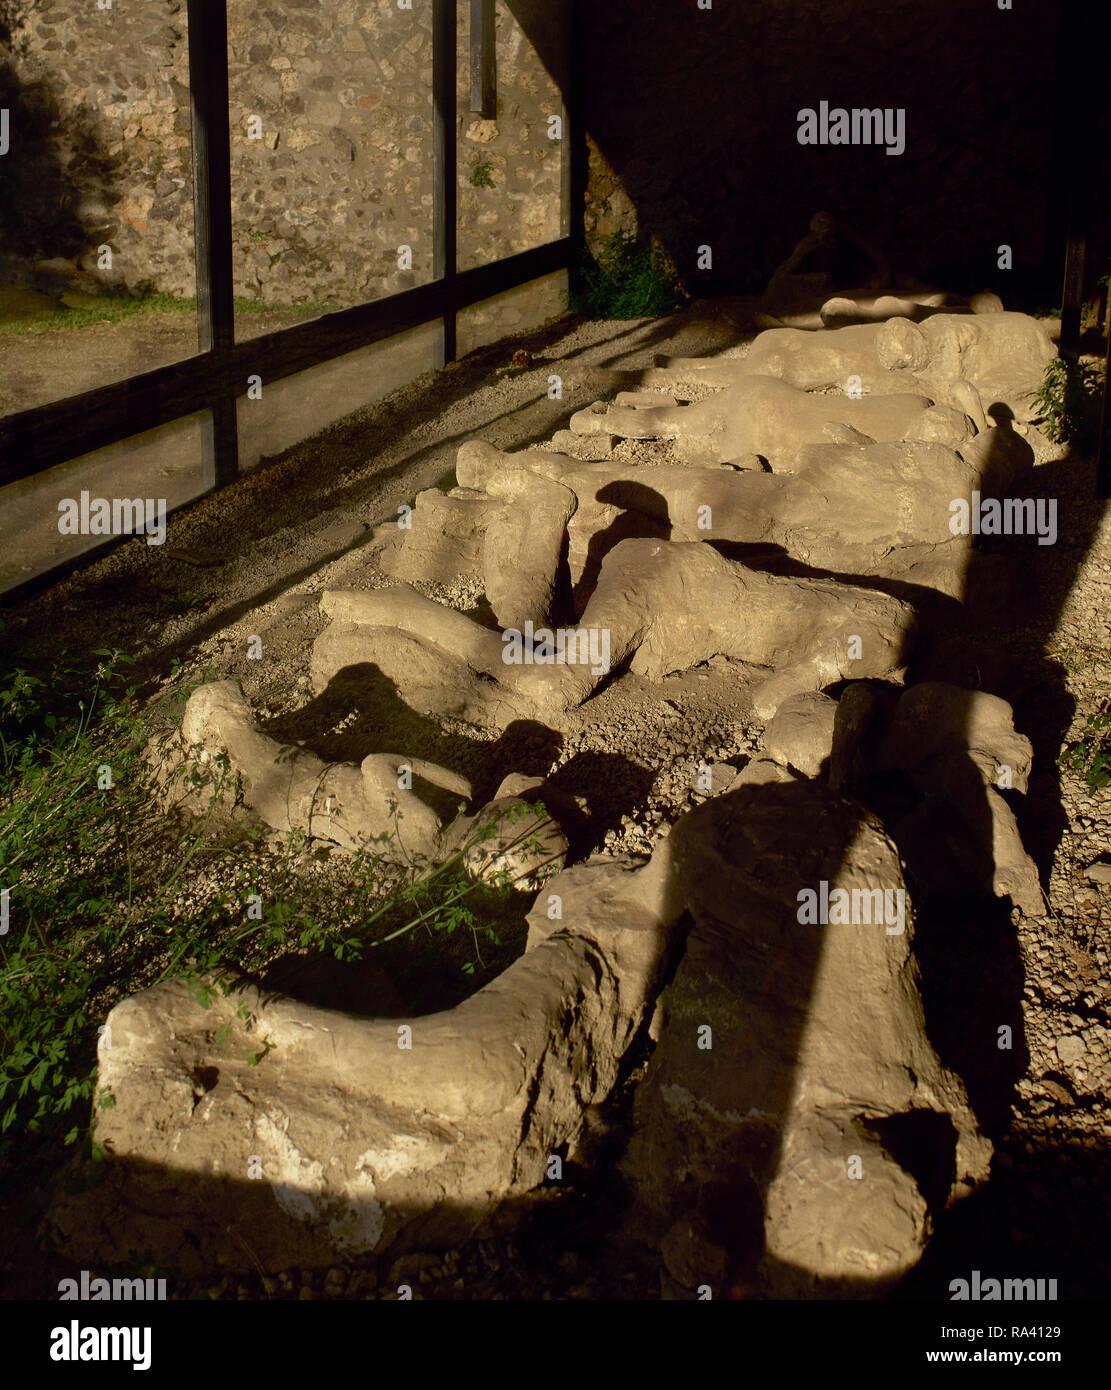 L'Italie. Pompéi. Moulages en plâtre d'organes de la victime dans le jardin des fugitifs. Les corps de 13 personnes qui ont été enterrés par les cendres, alors qu'ils tentent de fuir Pompéi au cours de l'AD 79 éruption du volcan Vésuve. La Campanie. Photo Stock